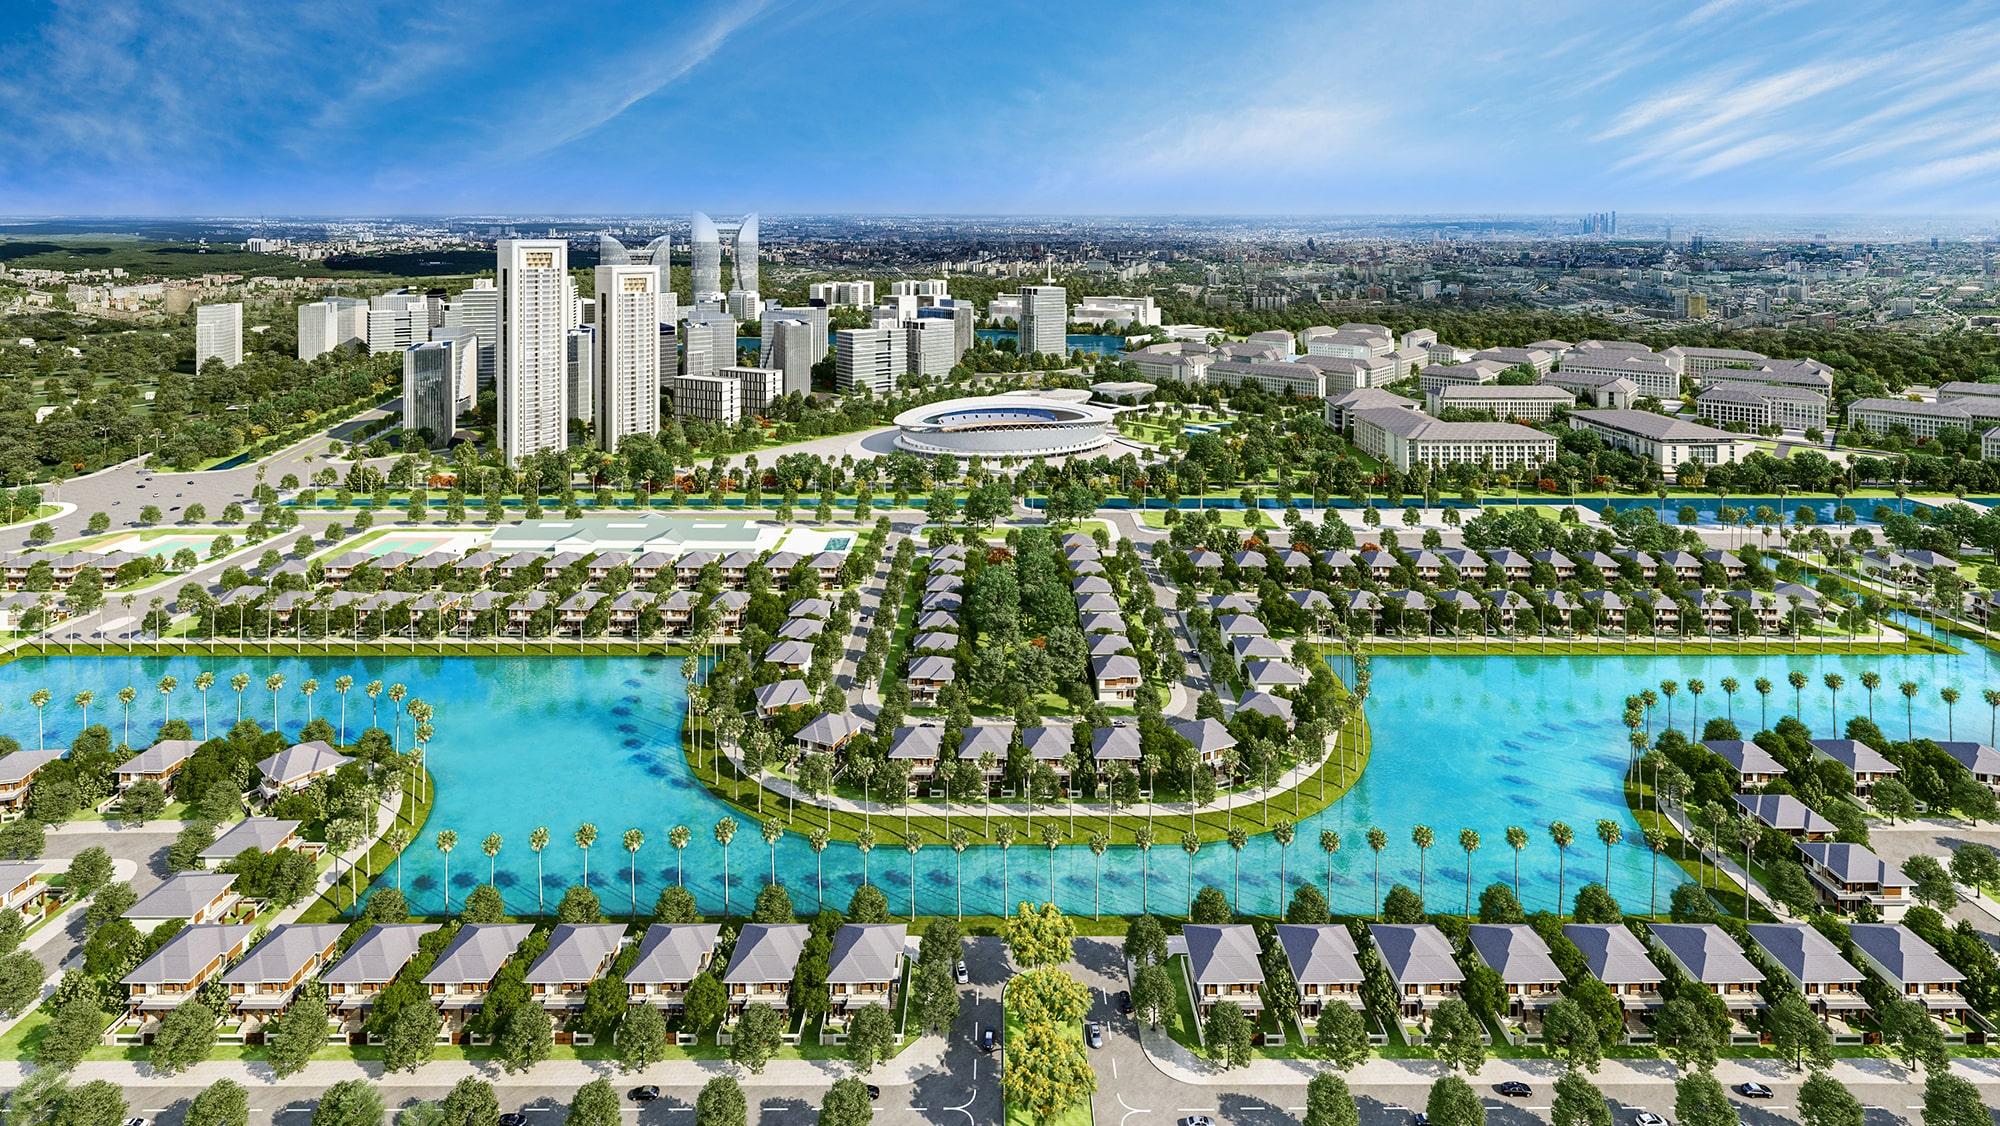 Quy mô dự án Khu đô thị Sao Vàng Long An